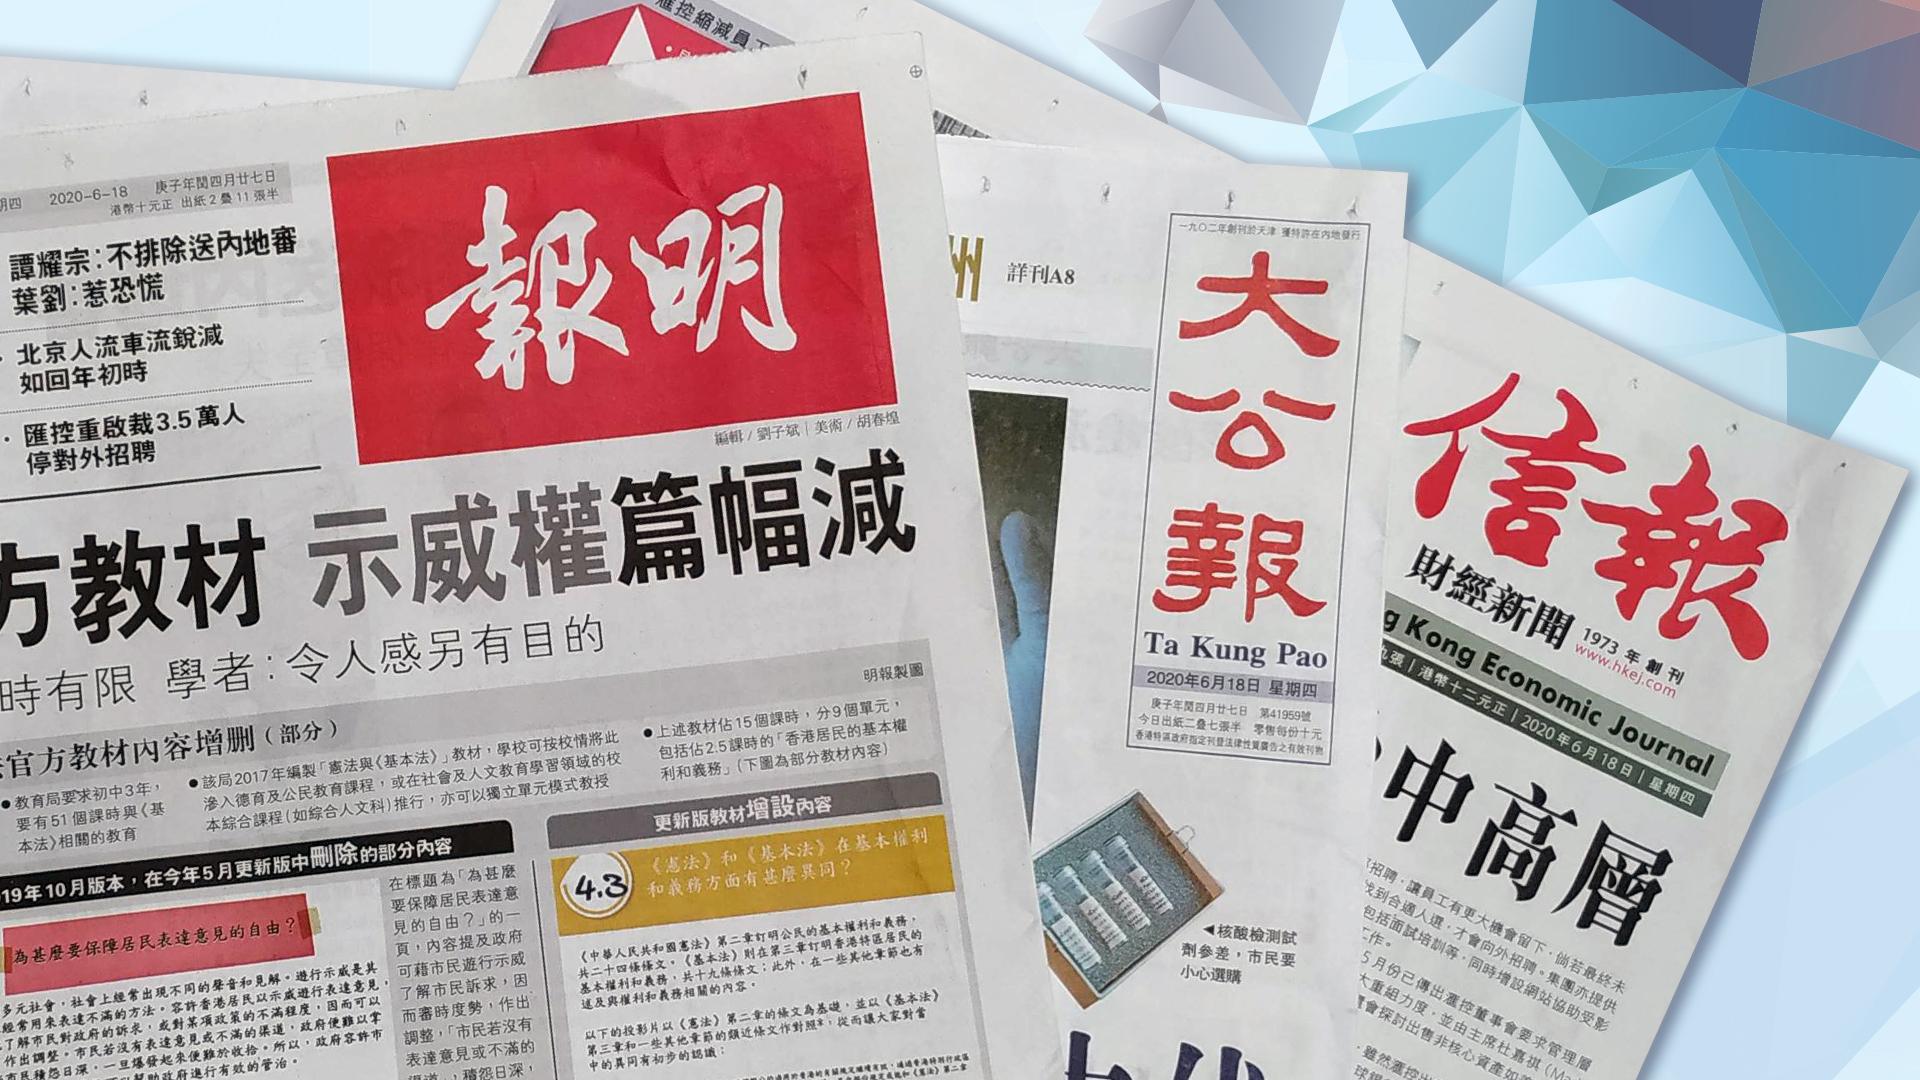 【報章A1速覽】基本法官方教材示威權篇幅減 增憲法內容 學者:令人感另有目的;新冠檢測市場大 商家搶客爆亂象